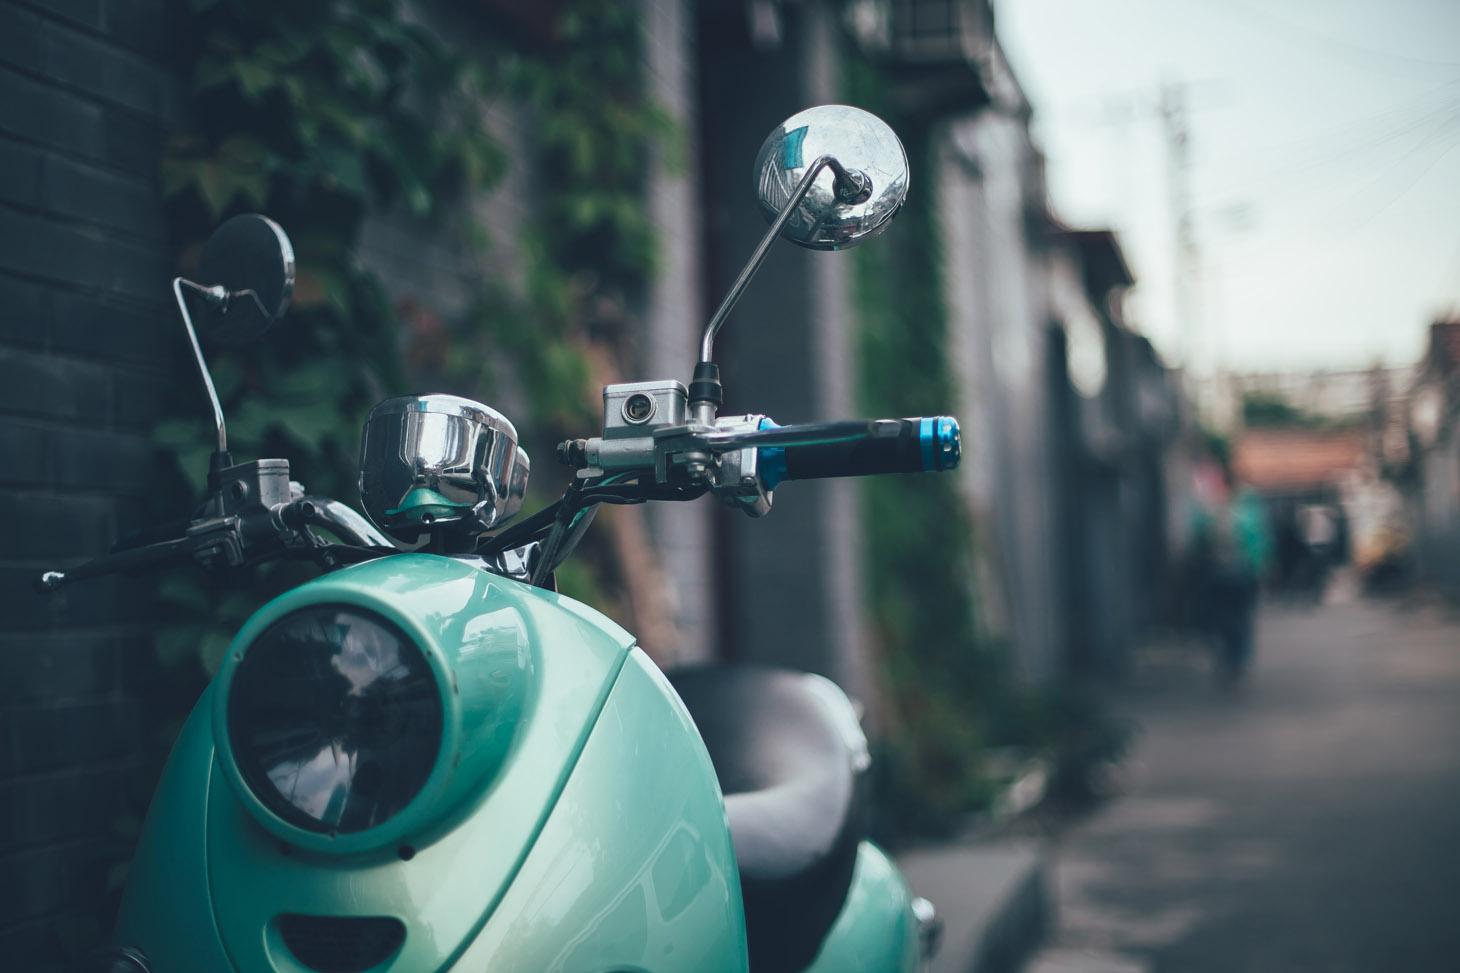 vintage-motorcycle